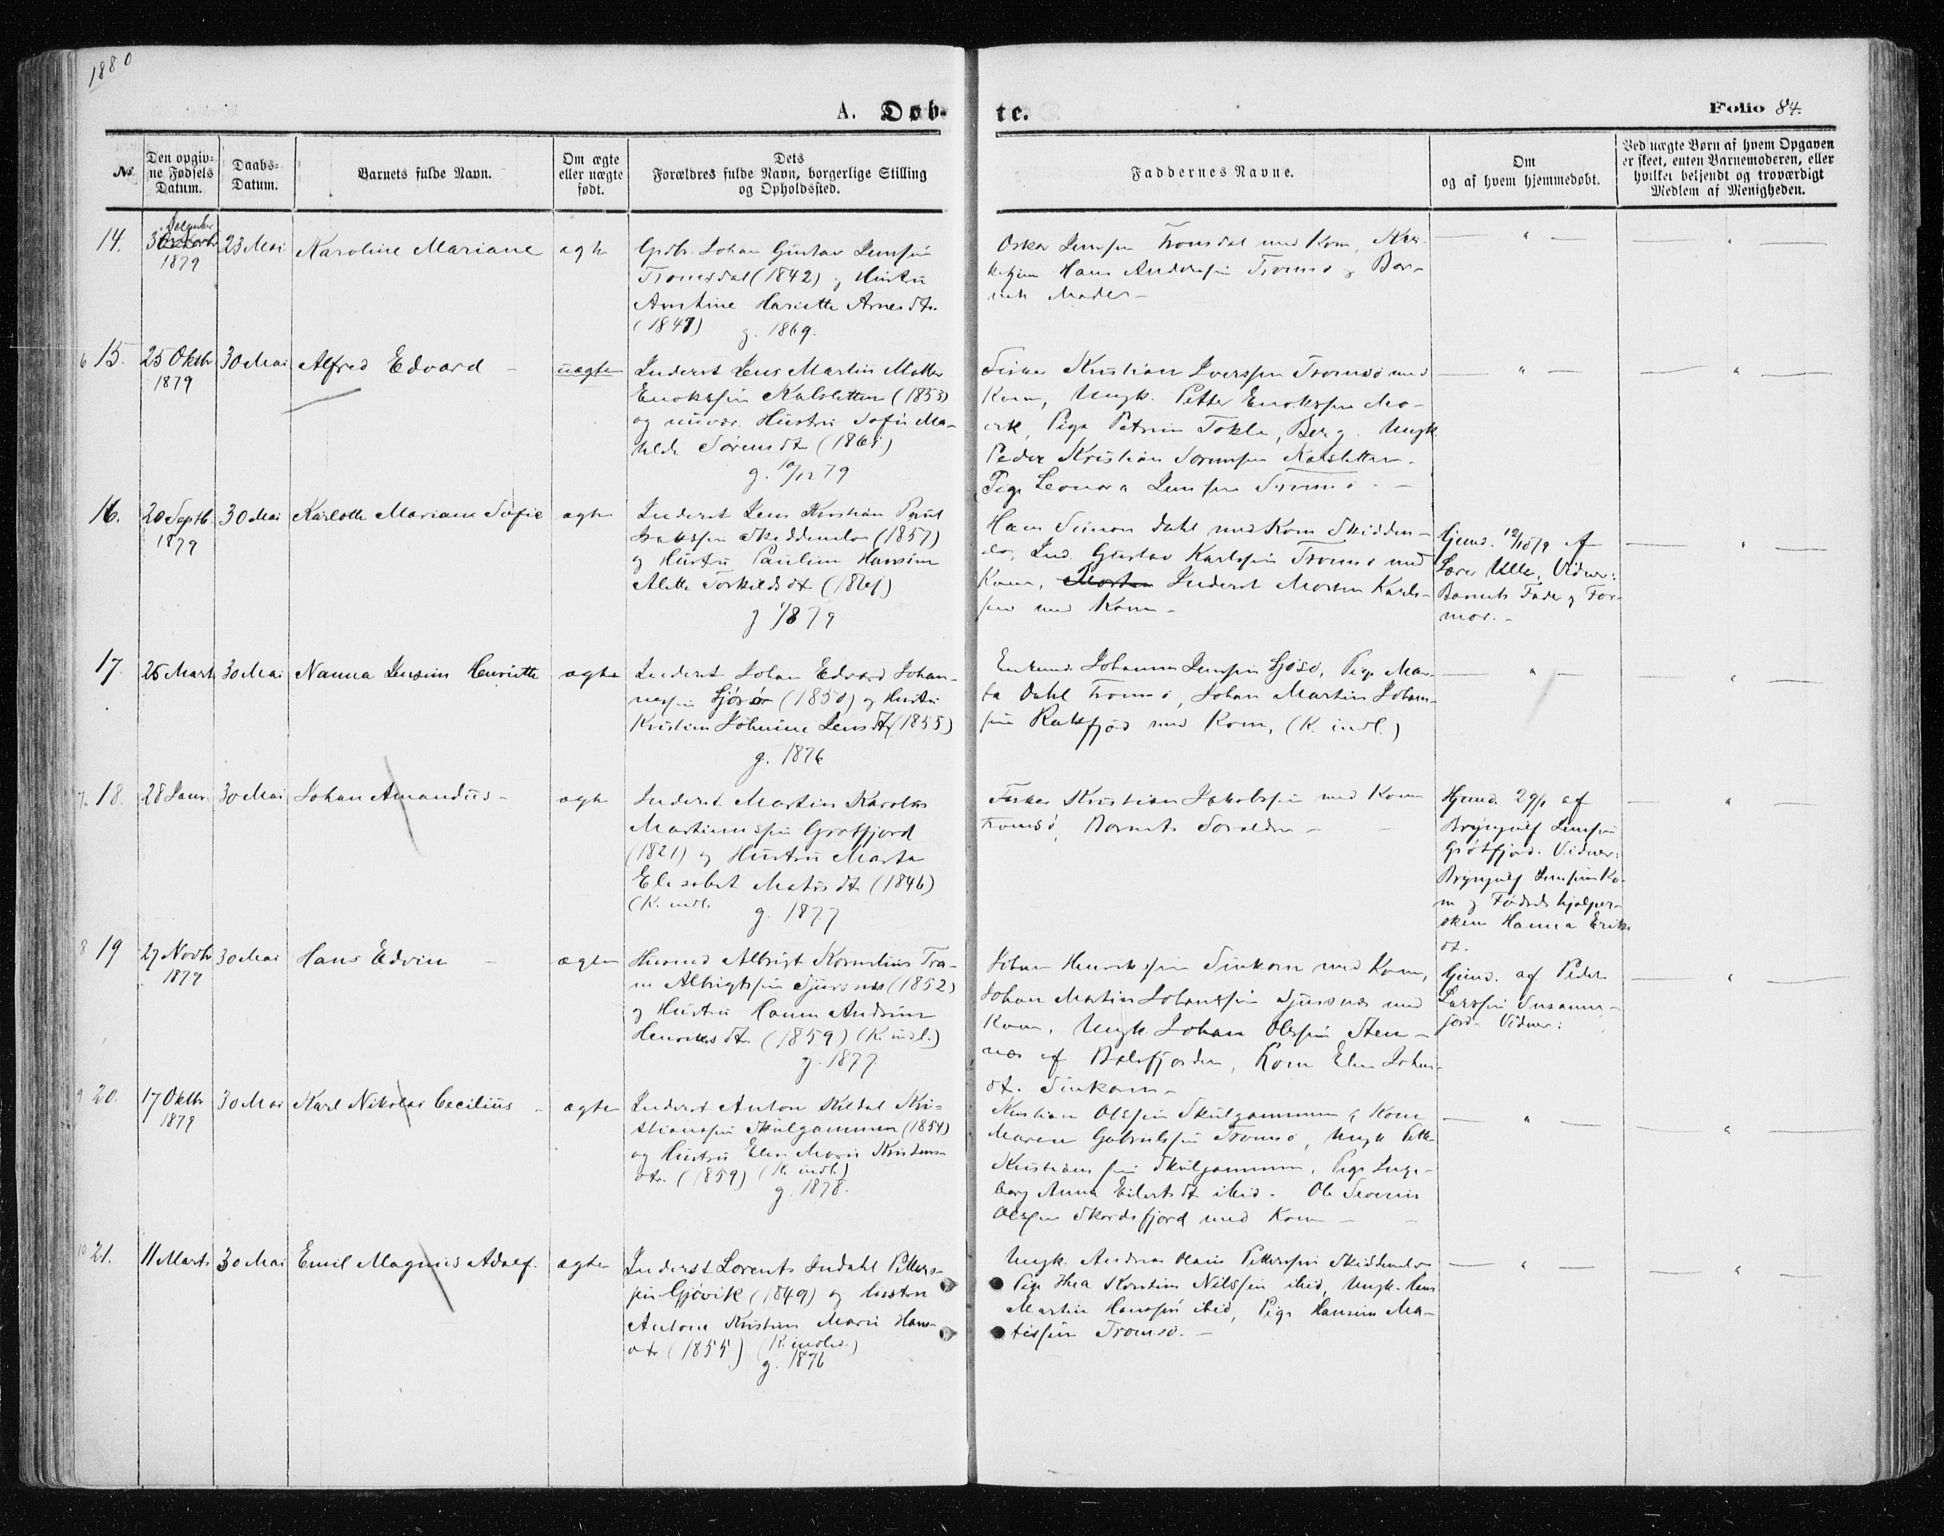 SATØ, Tromsøysund sokneprestkontor, G/Ga/L0003kirke: Ministerialbok nr. 3, 1875-1880, s. 84